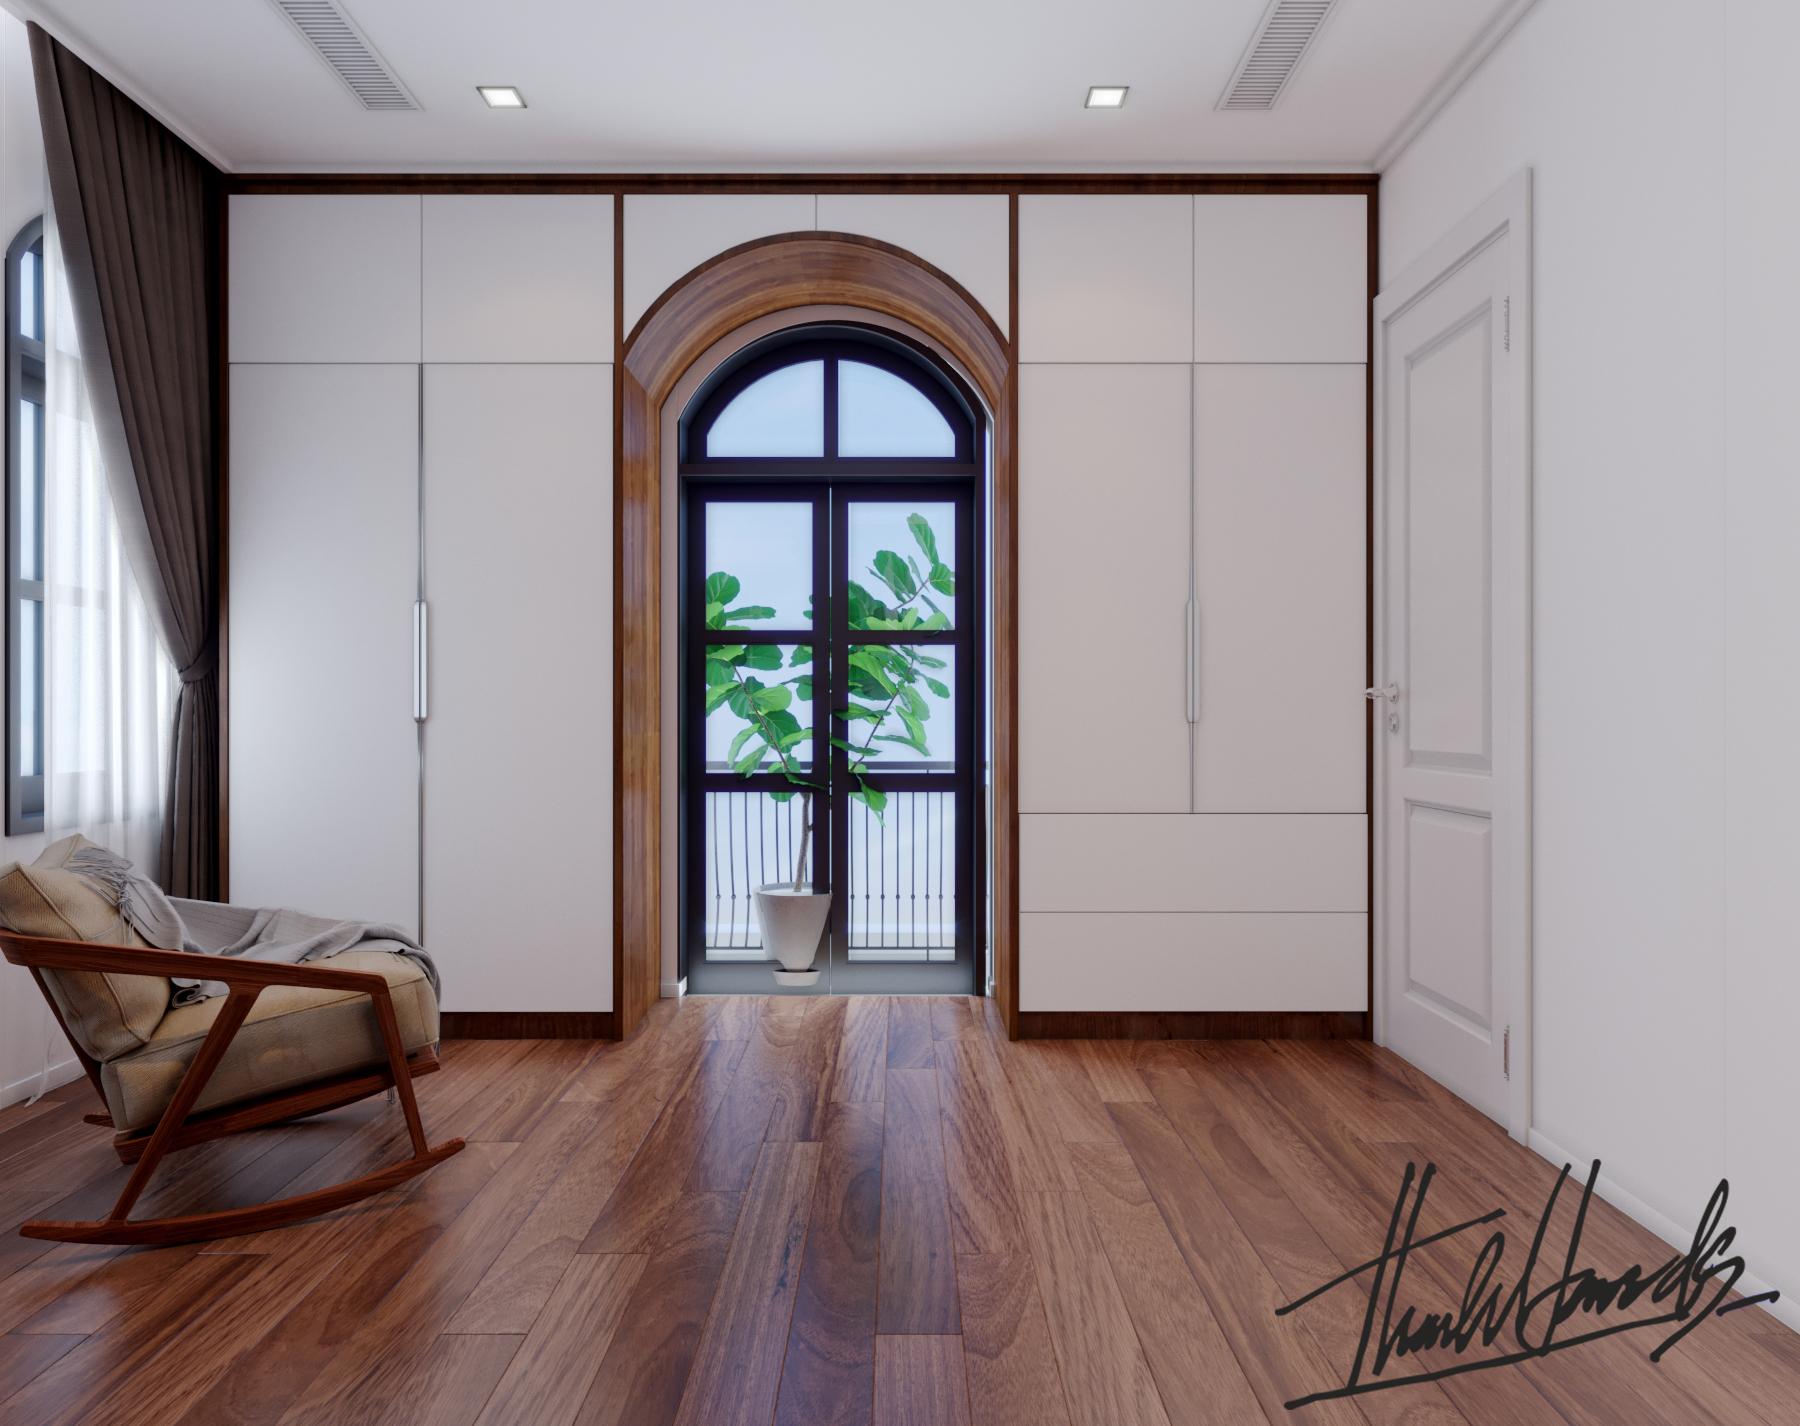 thiết kế nội thất Biệt Thự tại Hải Phòng Biệt thự Vinhomes - imperia ( khu VEN) 23 1568278772